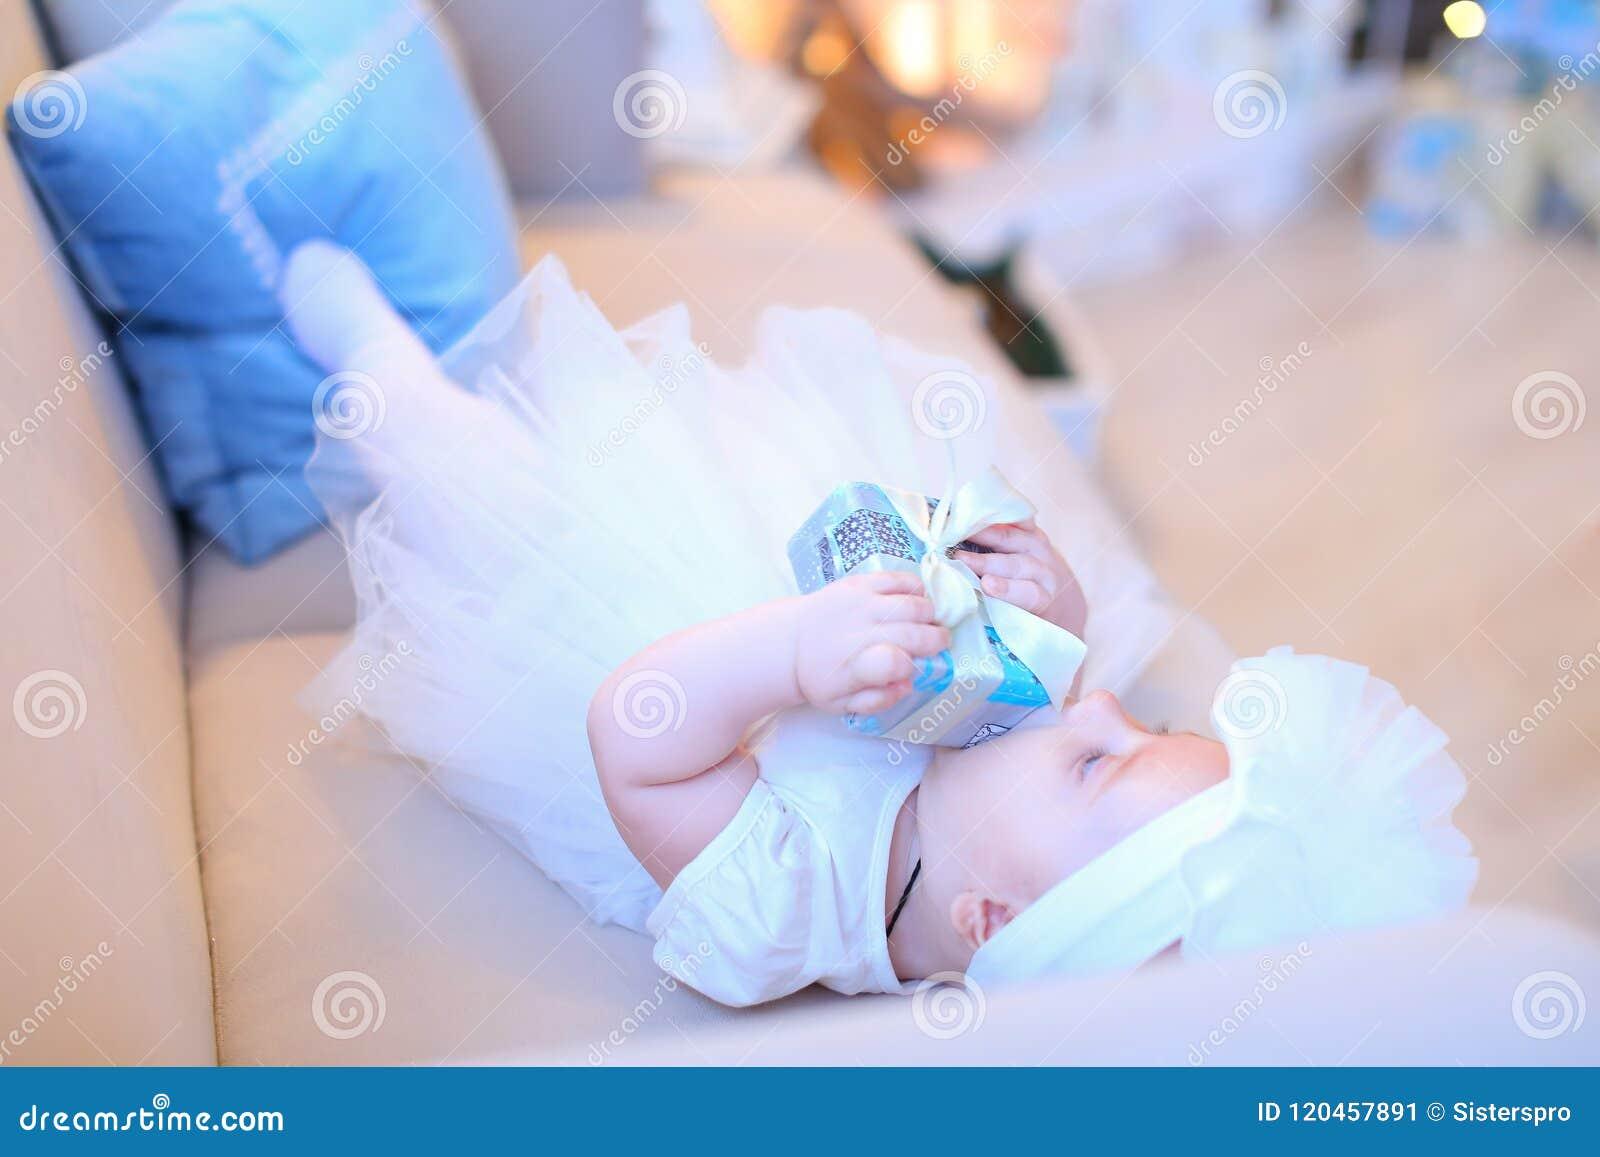 Λίγο θηλυκό μωρό που βρίσκεται στον καναπέ και που φορά τα άσπρα ενδύματα